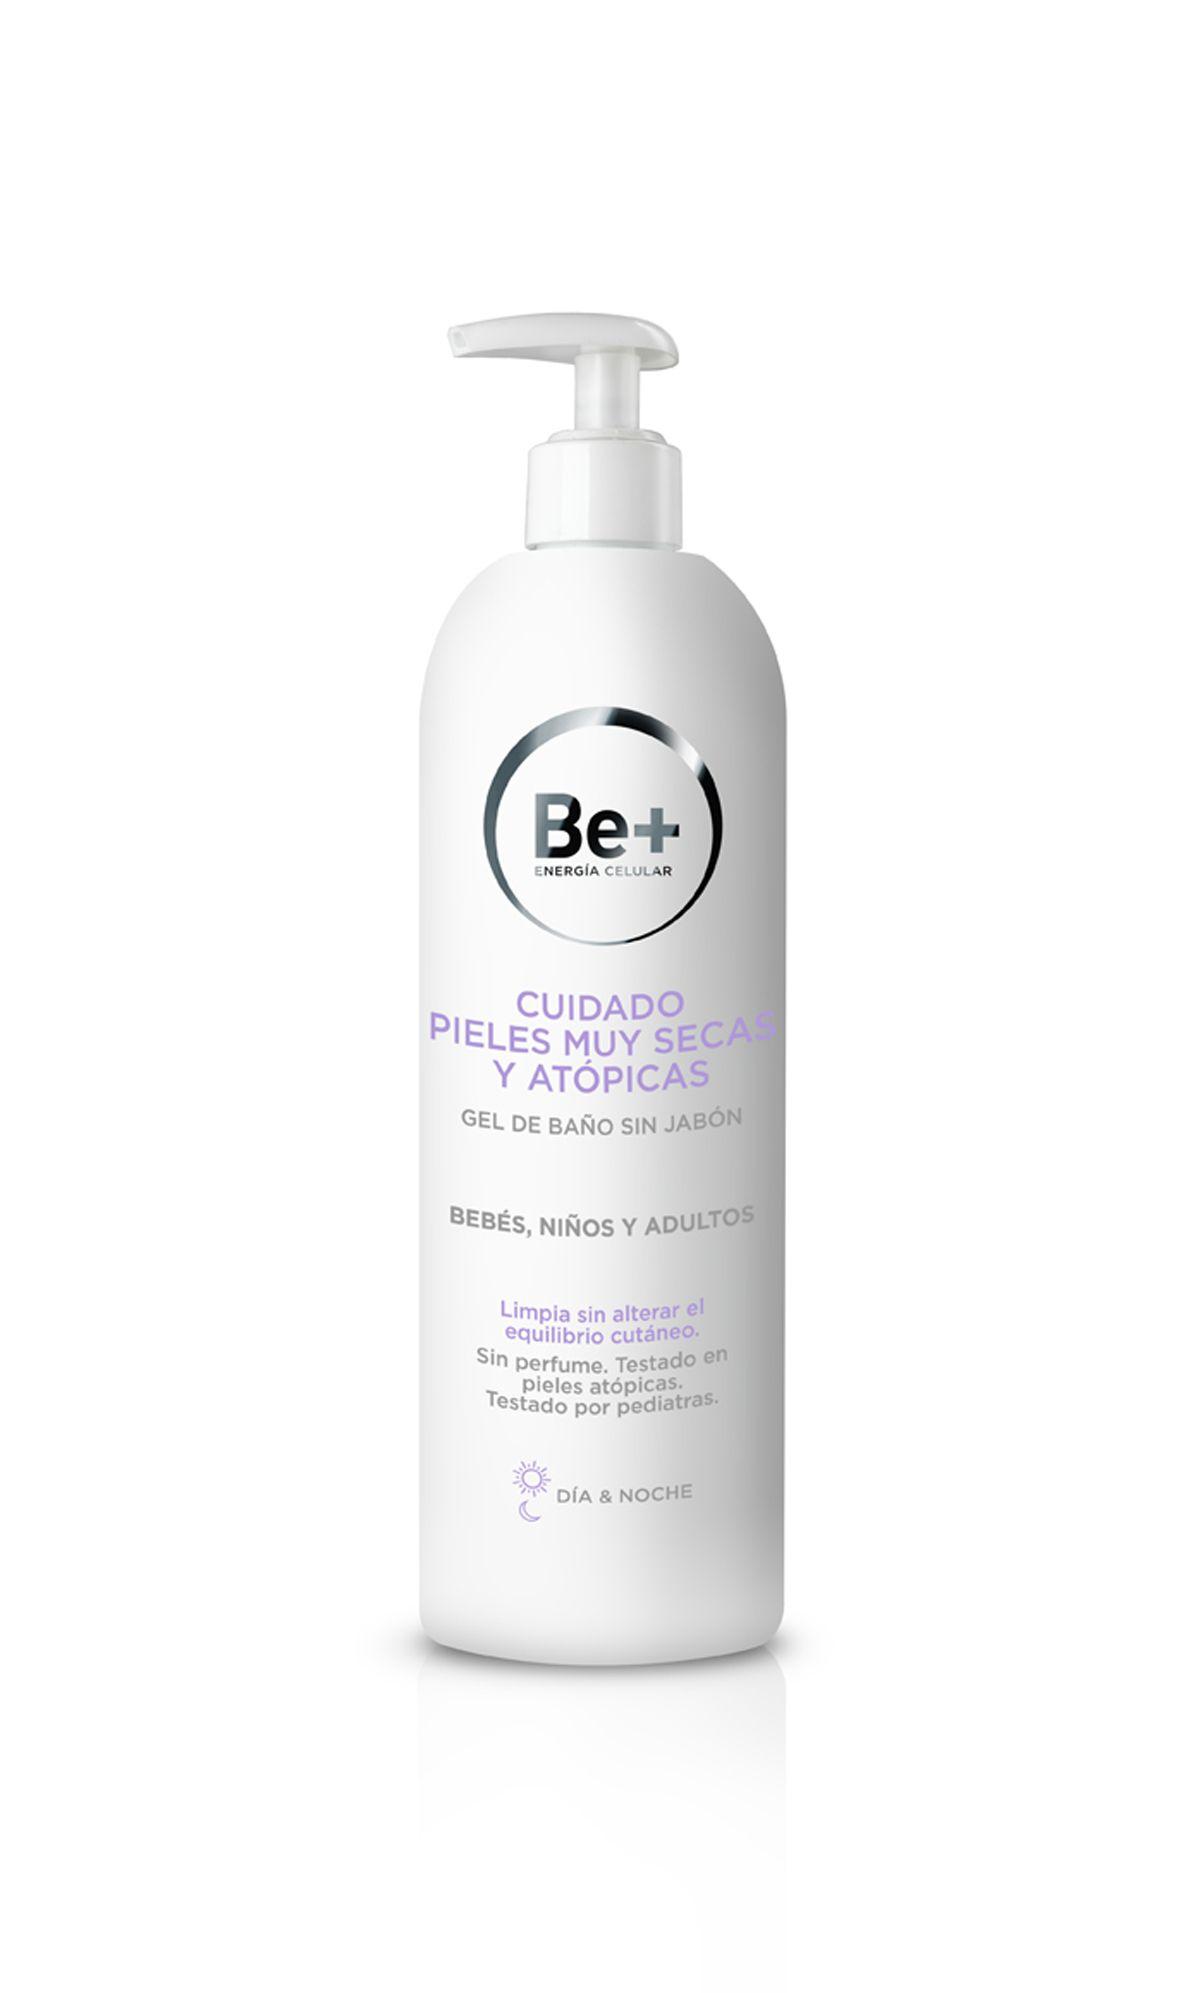 Be gel pieles atopicas - Gel de bano sin productos quimicos ...